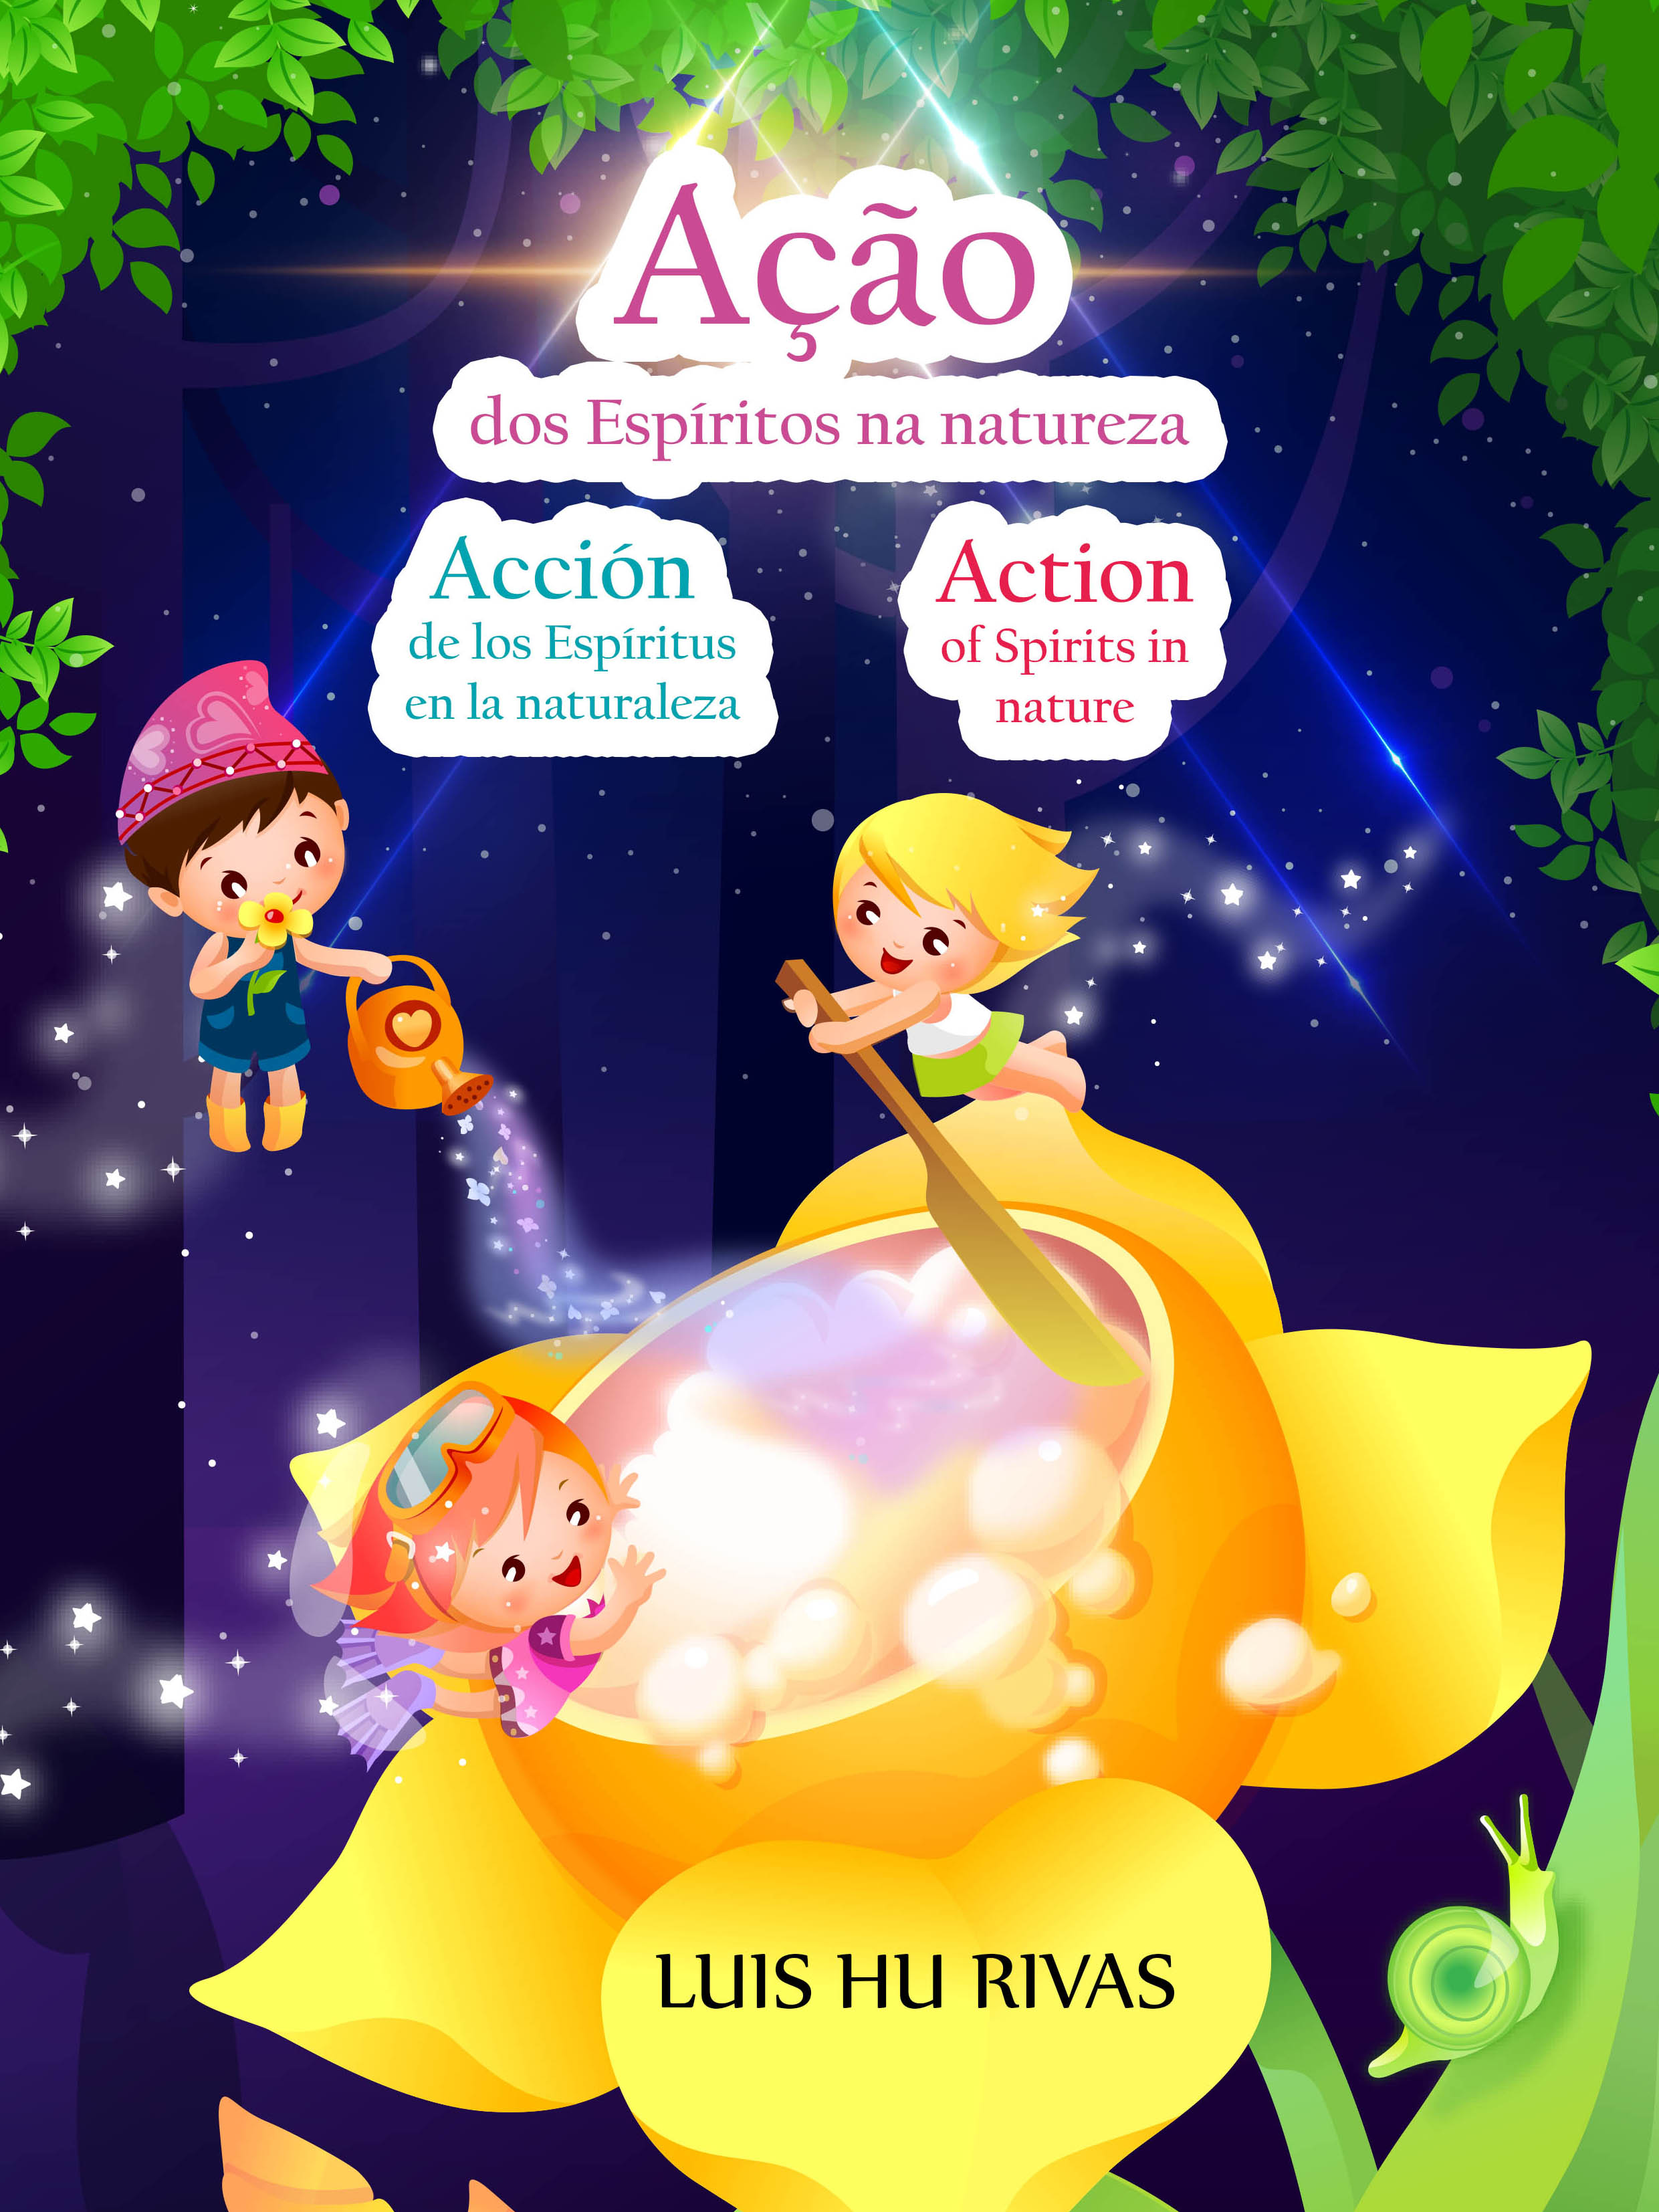 Kit 8 Ação dos Espíritos  R$ 49,90